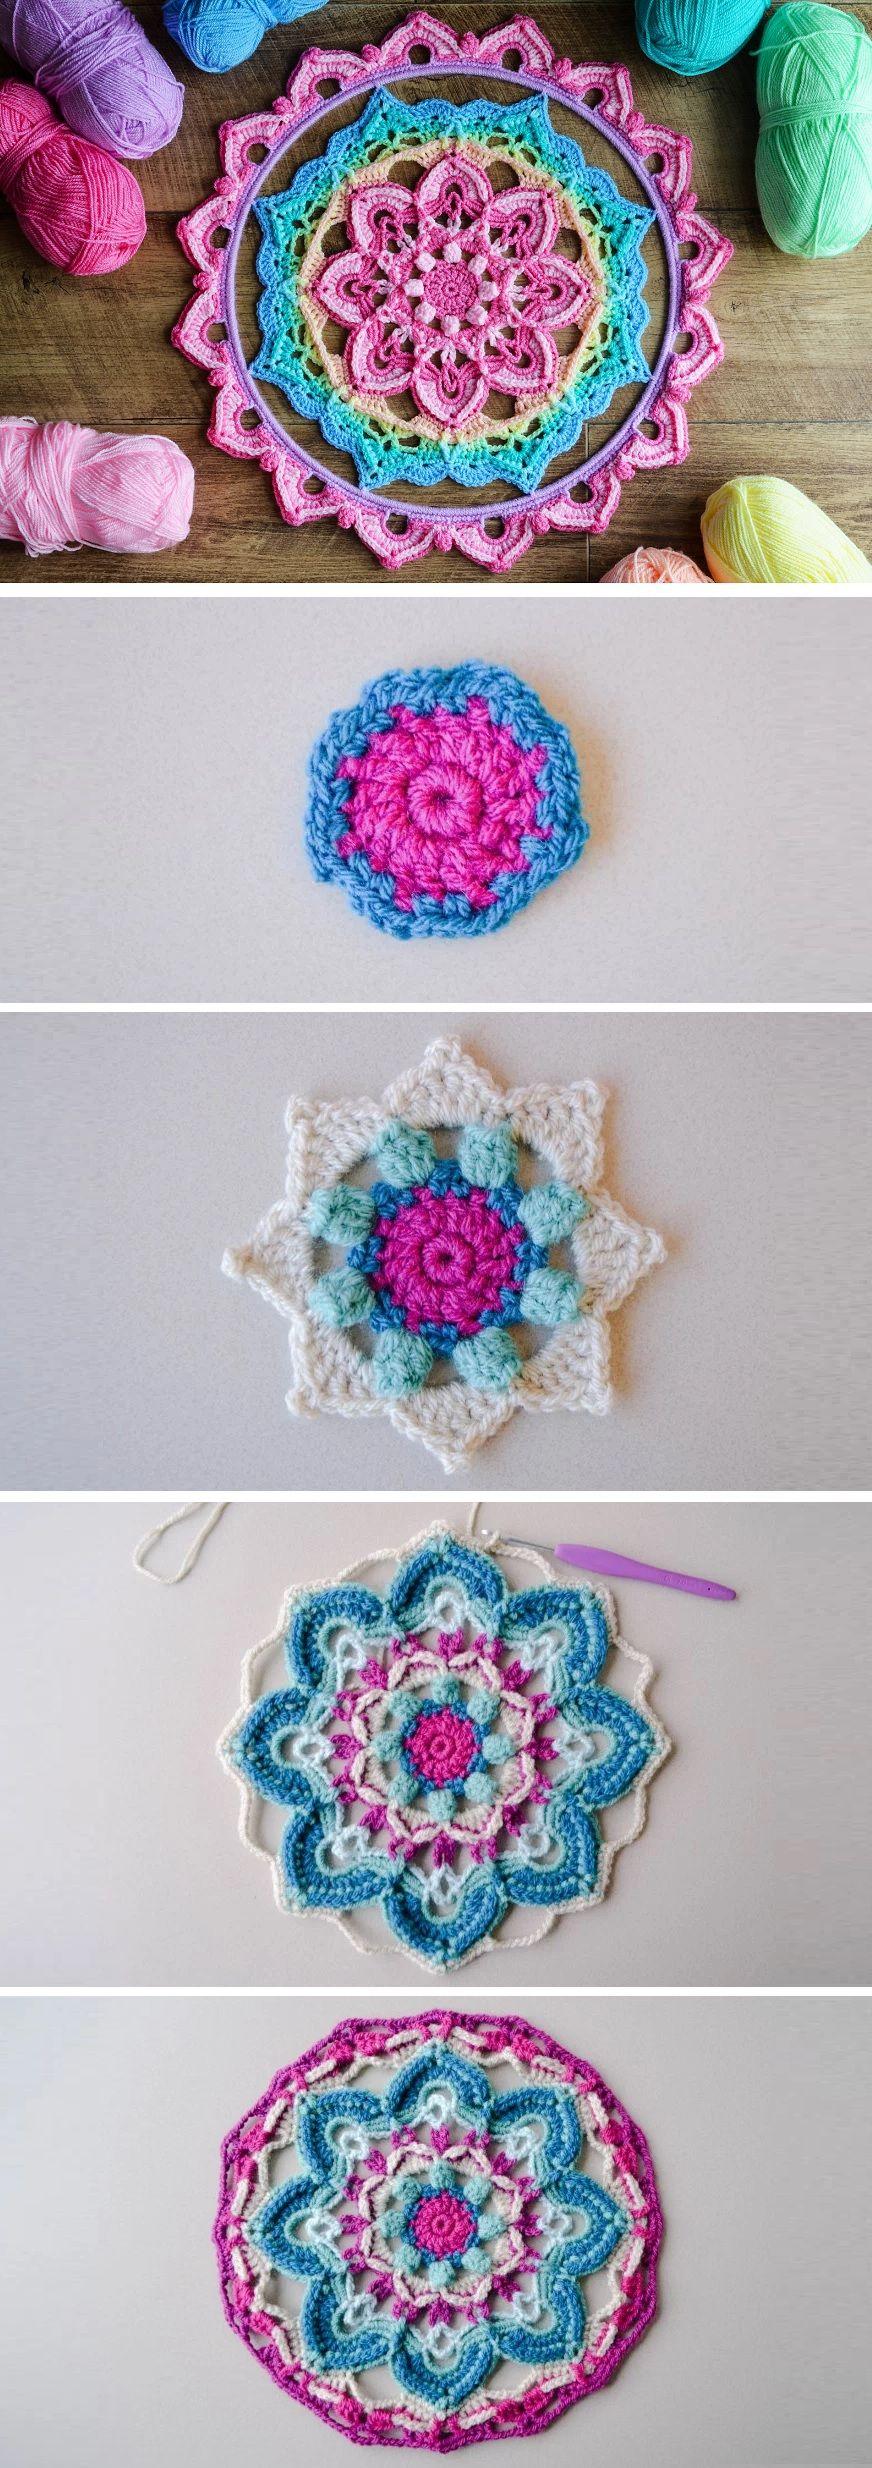 Crochet Beautiful Mandala Coaster - Design Peak #crochetmandala #crochetmandalapattern #crochetcoaster #crochetcoasterpattern #crochetcoasterpatternfree